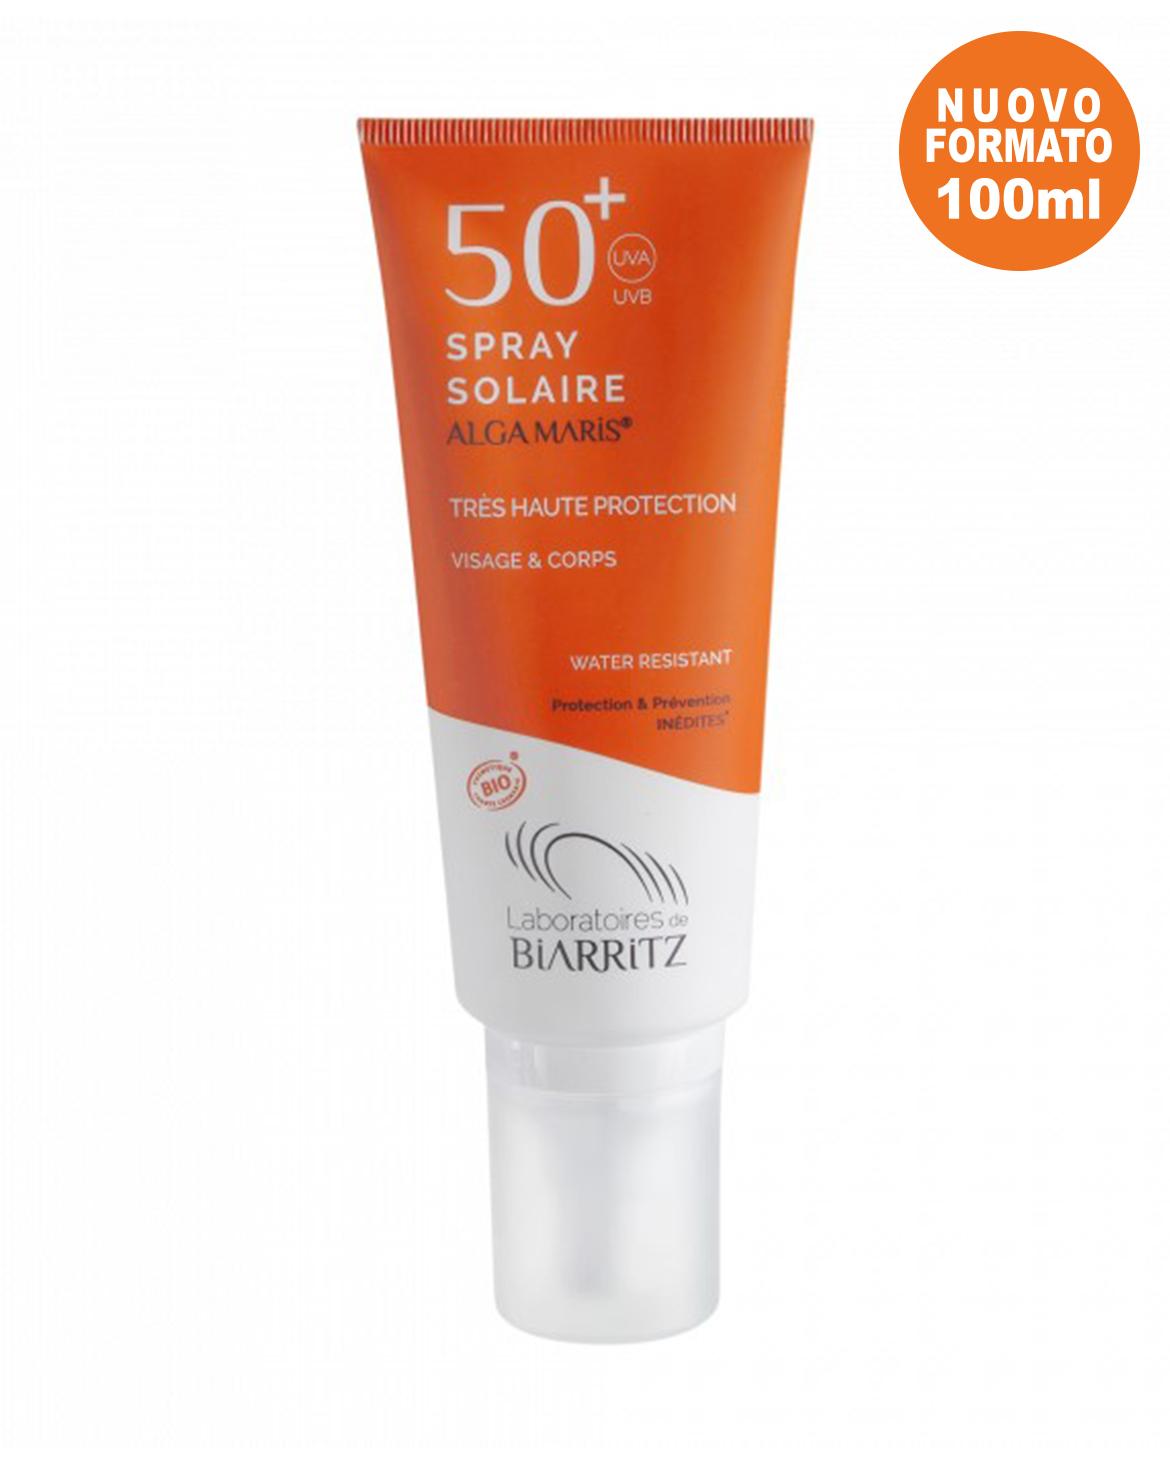 Spray Solare Viso e Corpo SPF 50+ Alga Maris